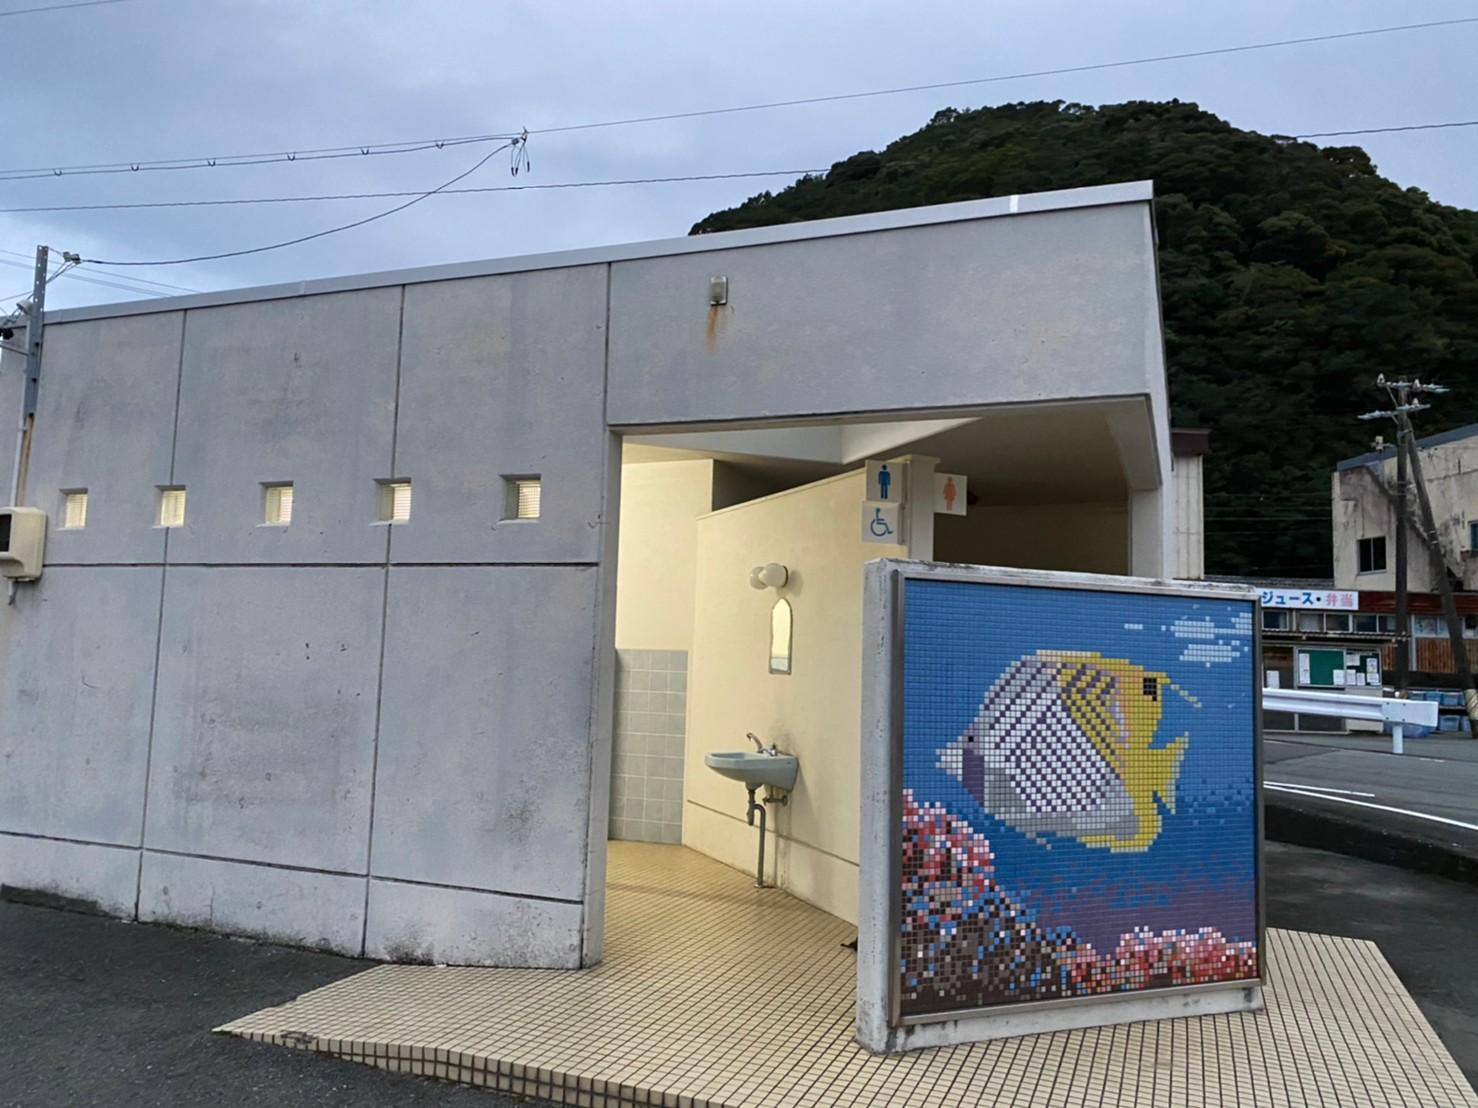 【三重県南伊勢町】『しおさい公園付近(方座浦)』の海釣りガイド(釣れる魚・駐車場・トイレ)